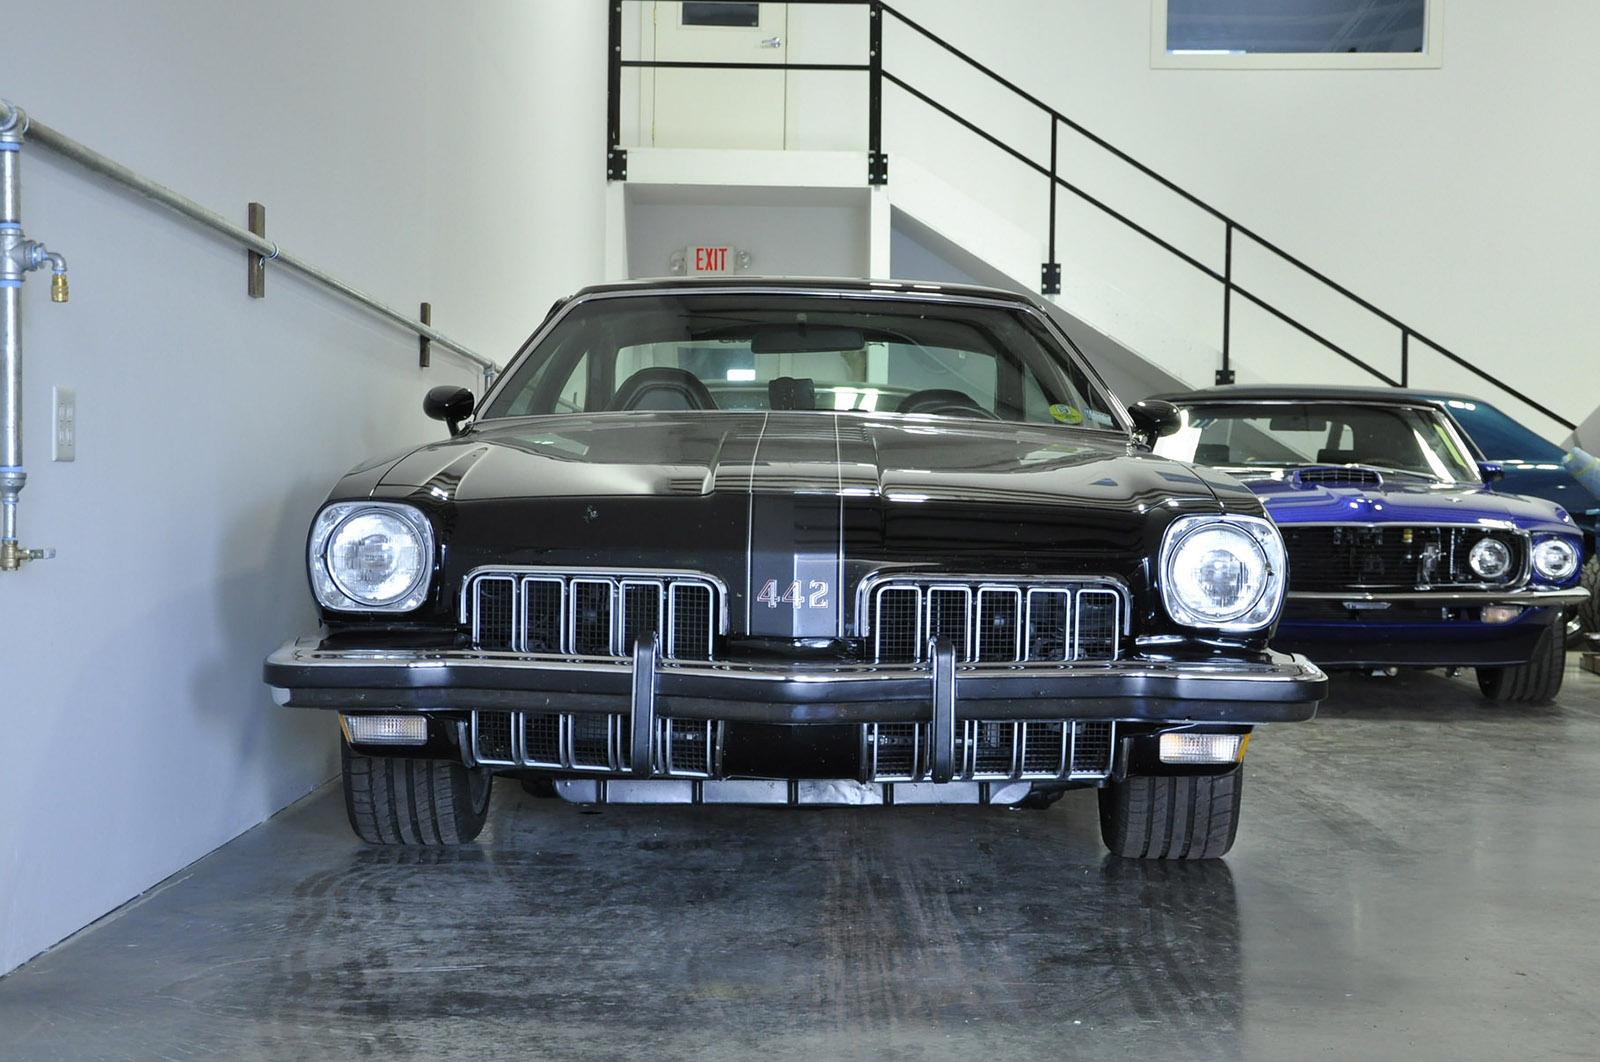 1973 Cutlass with a 700 HP LSA Engine Swap Depot 1600 x 1062 jpeg 1973-Oldsmobile-Cutlass-with-a-LSA-V8-02.jpg